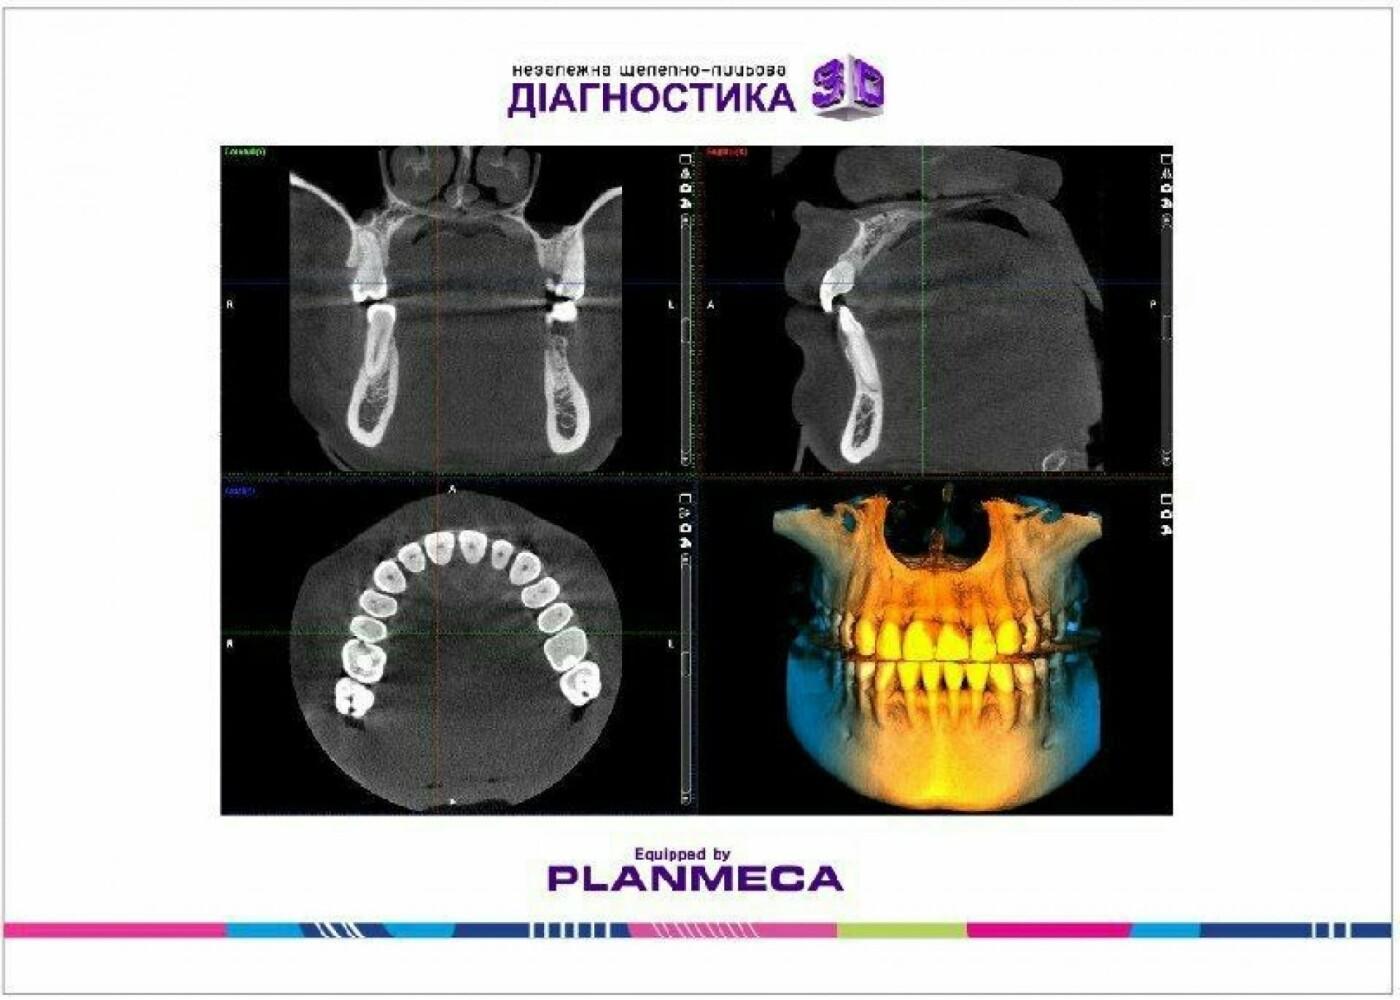 Де новоград-волинцям провести якісну щелепно-лицьову діагностику, фото-9